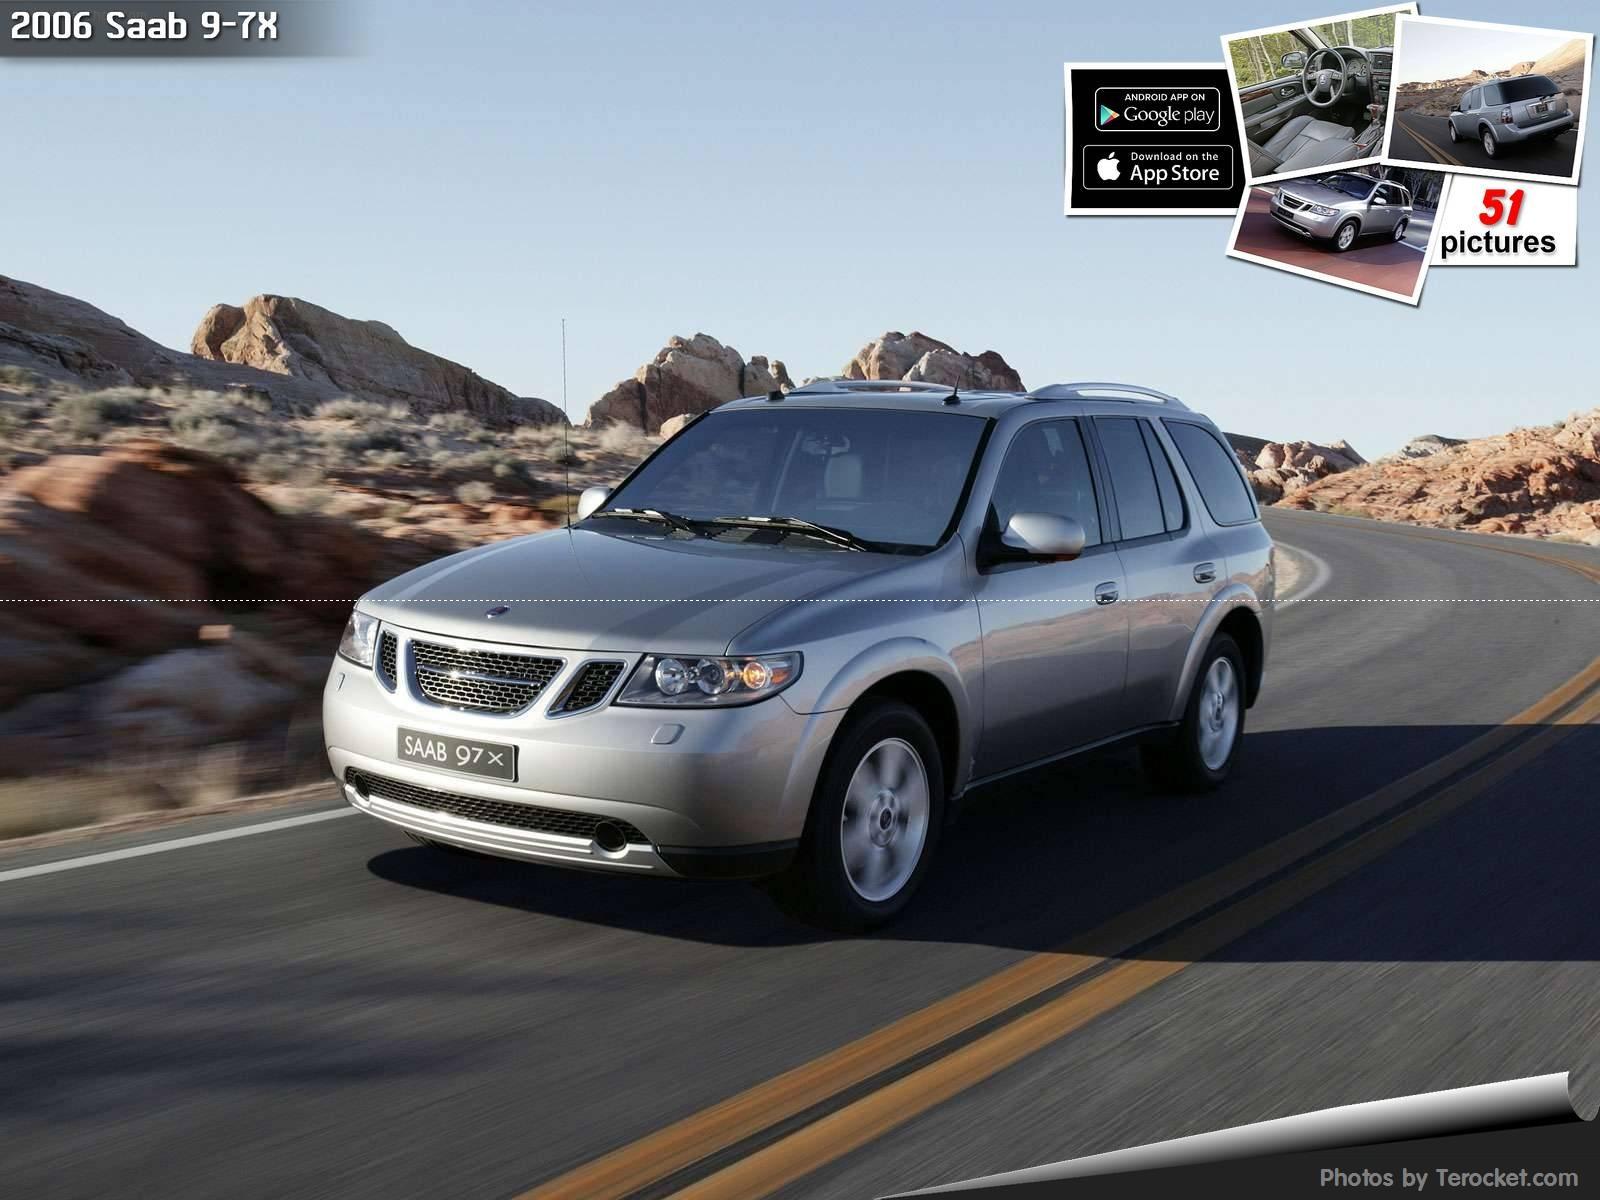 Hình ảnh xe ô tô Saab 9-7X 2006 & nội ngoại thất